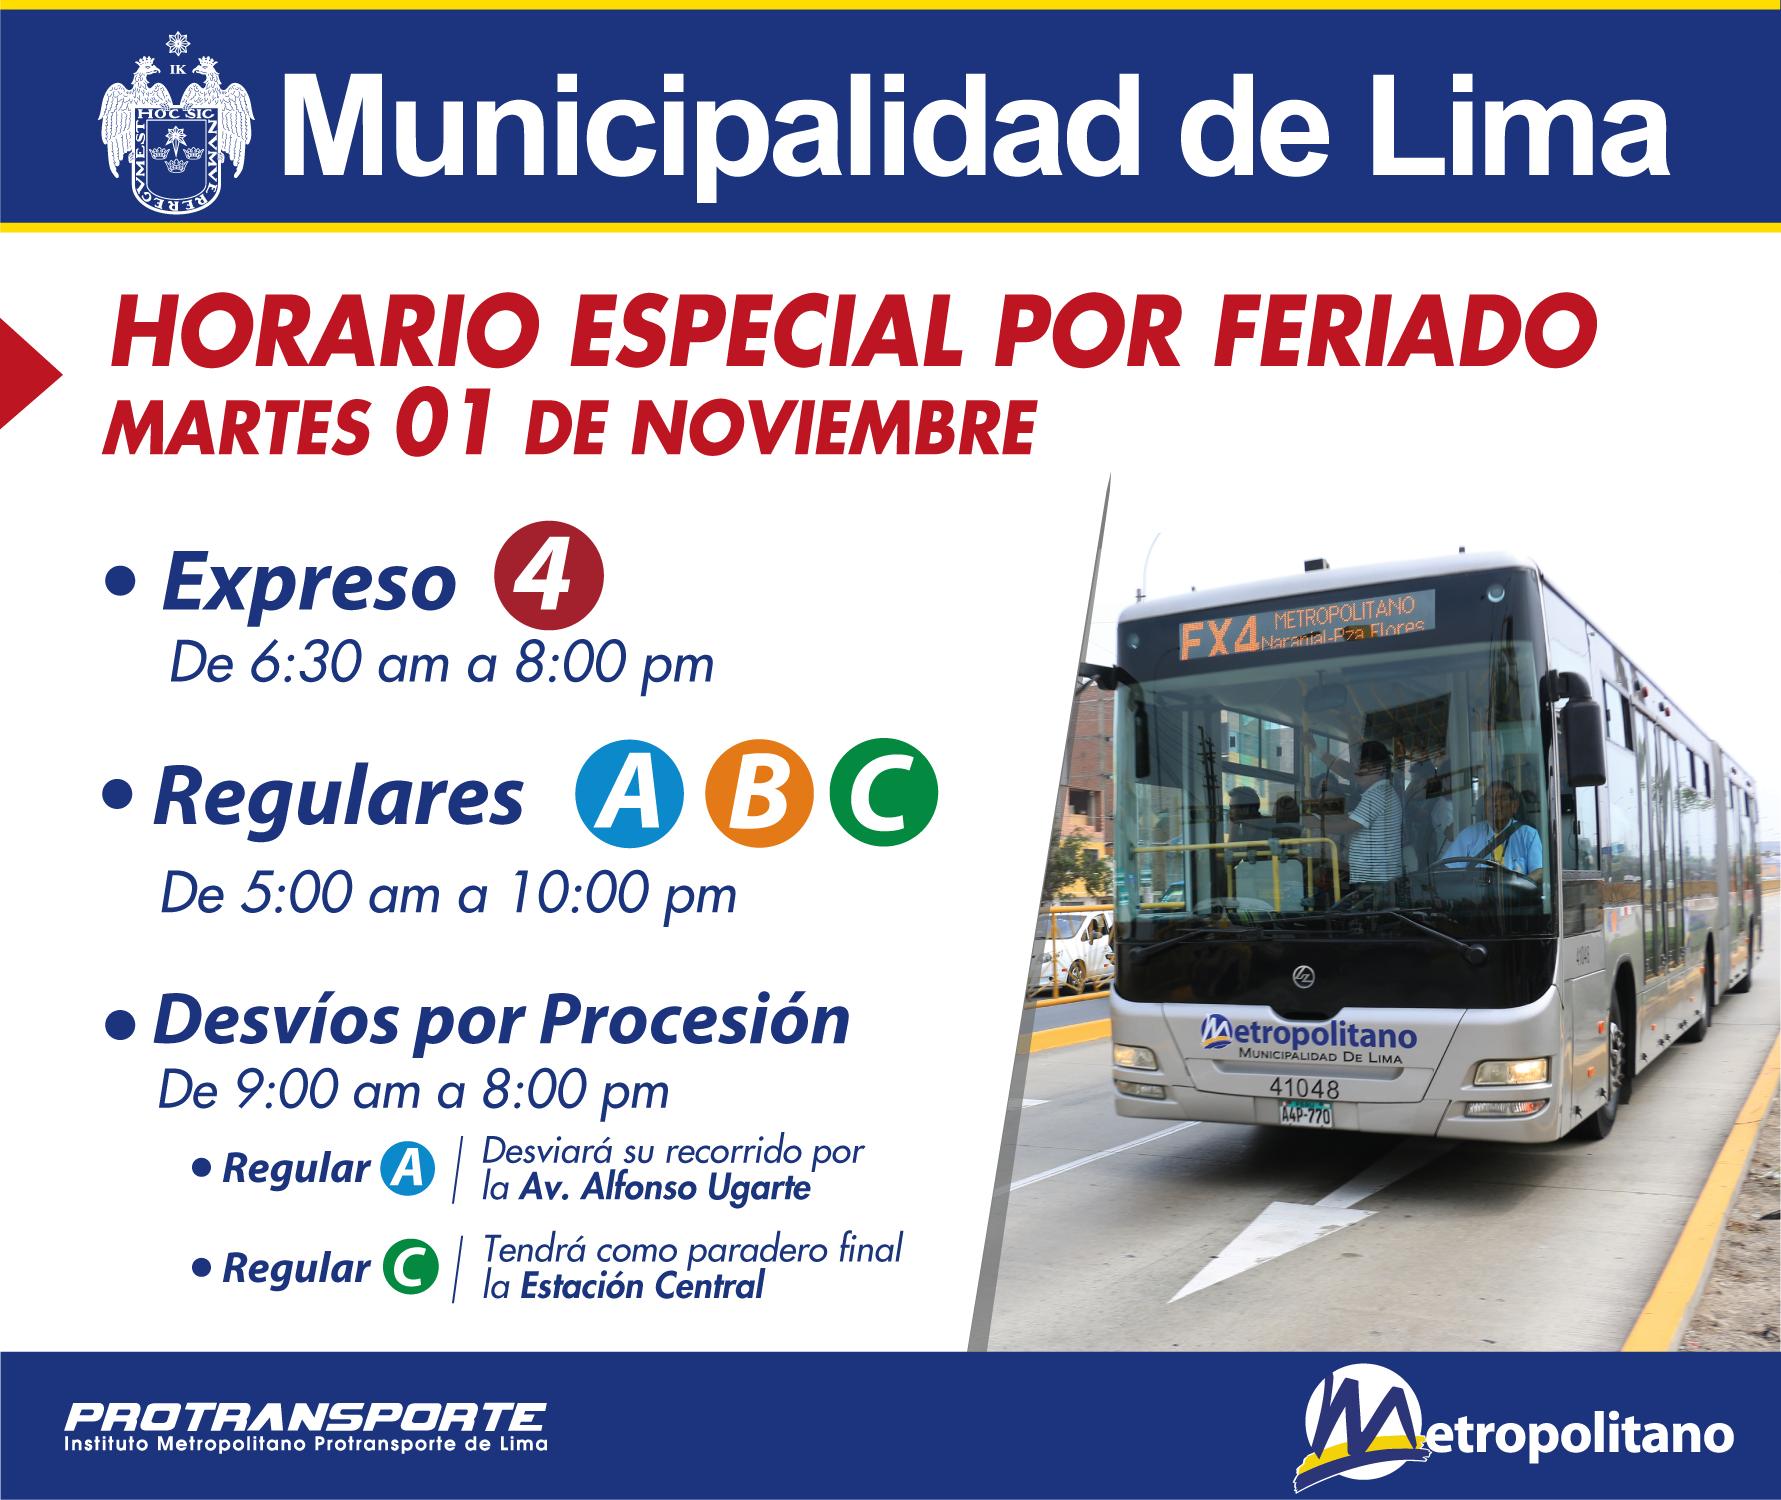 HORARIO ESPECIAL_FERIADO 1 NOV